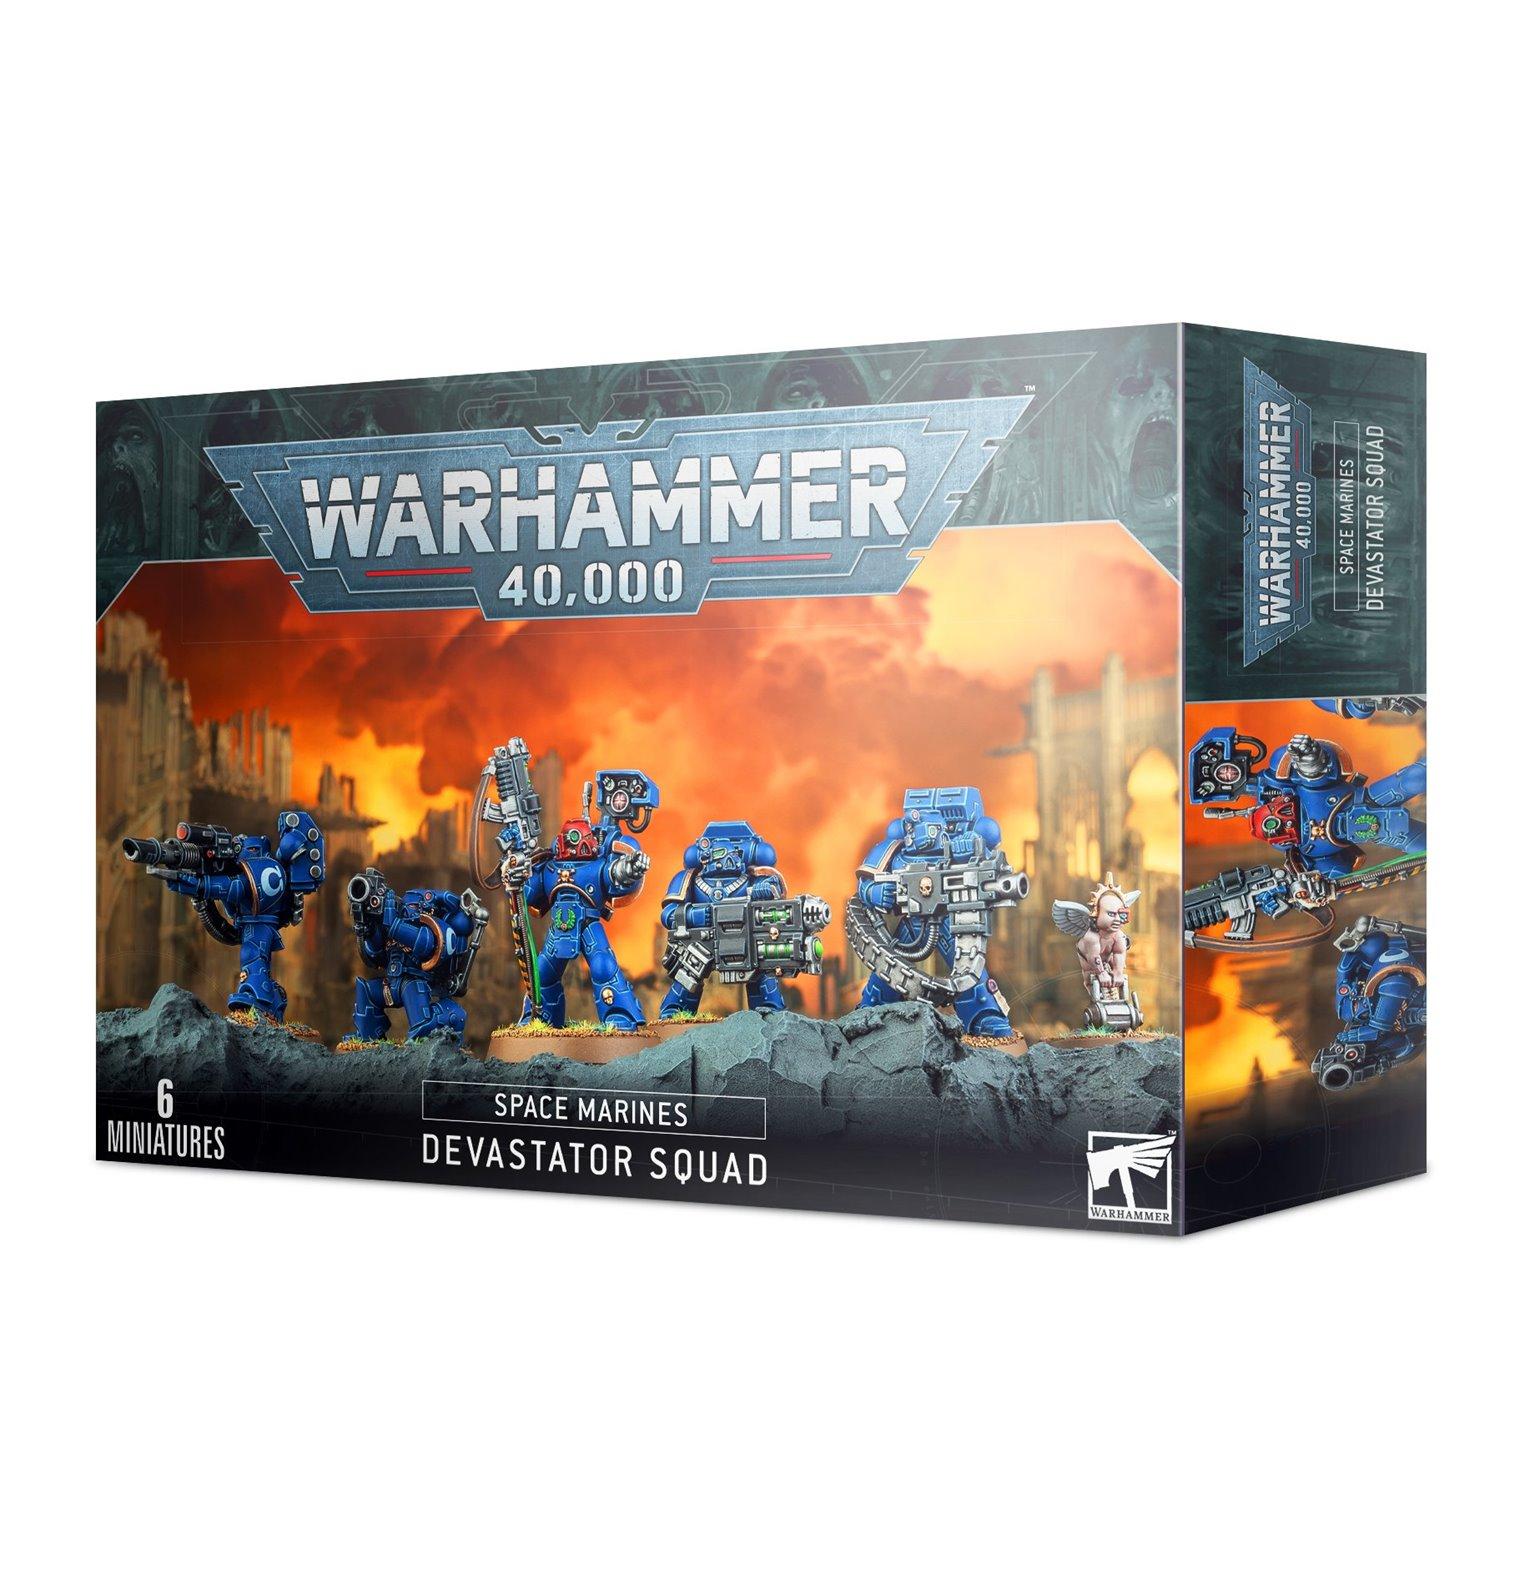 Warhammer 40,000 Space Marine Devastator Squad